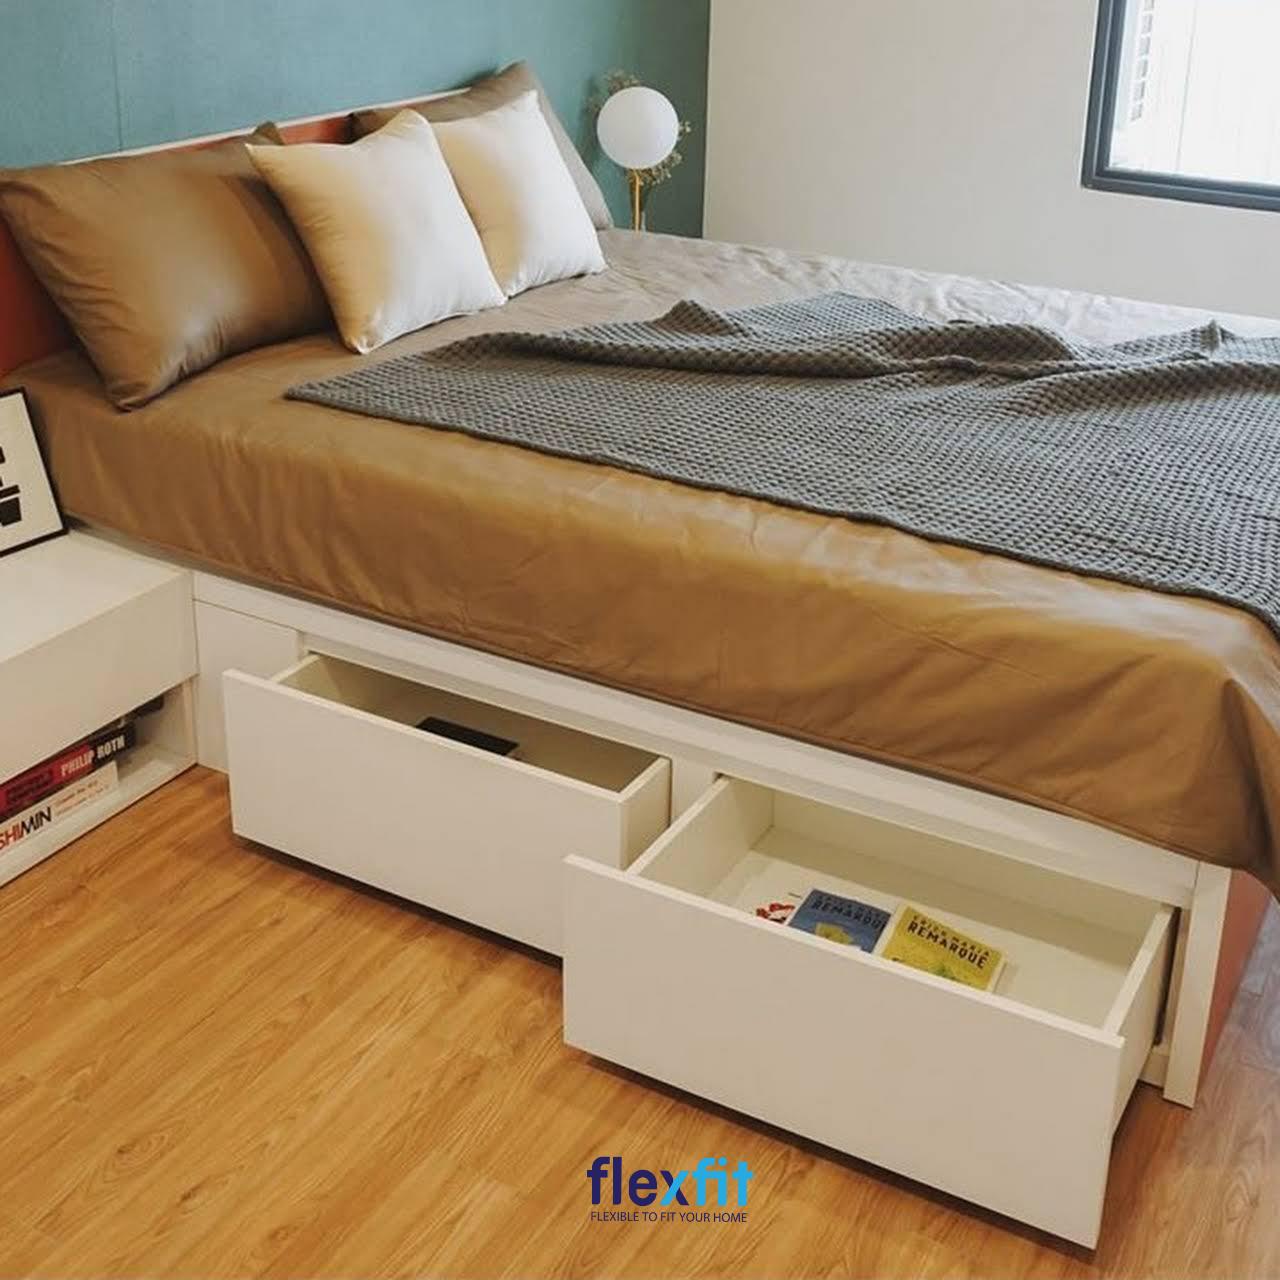 Giường có ngăn kéo gỗ công nghiệp là một món đồ nội thất thông minh nên có trong phòng ngủ